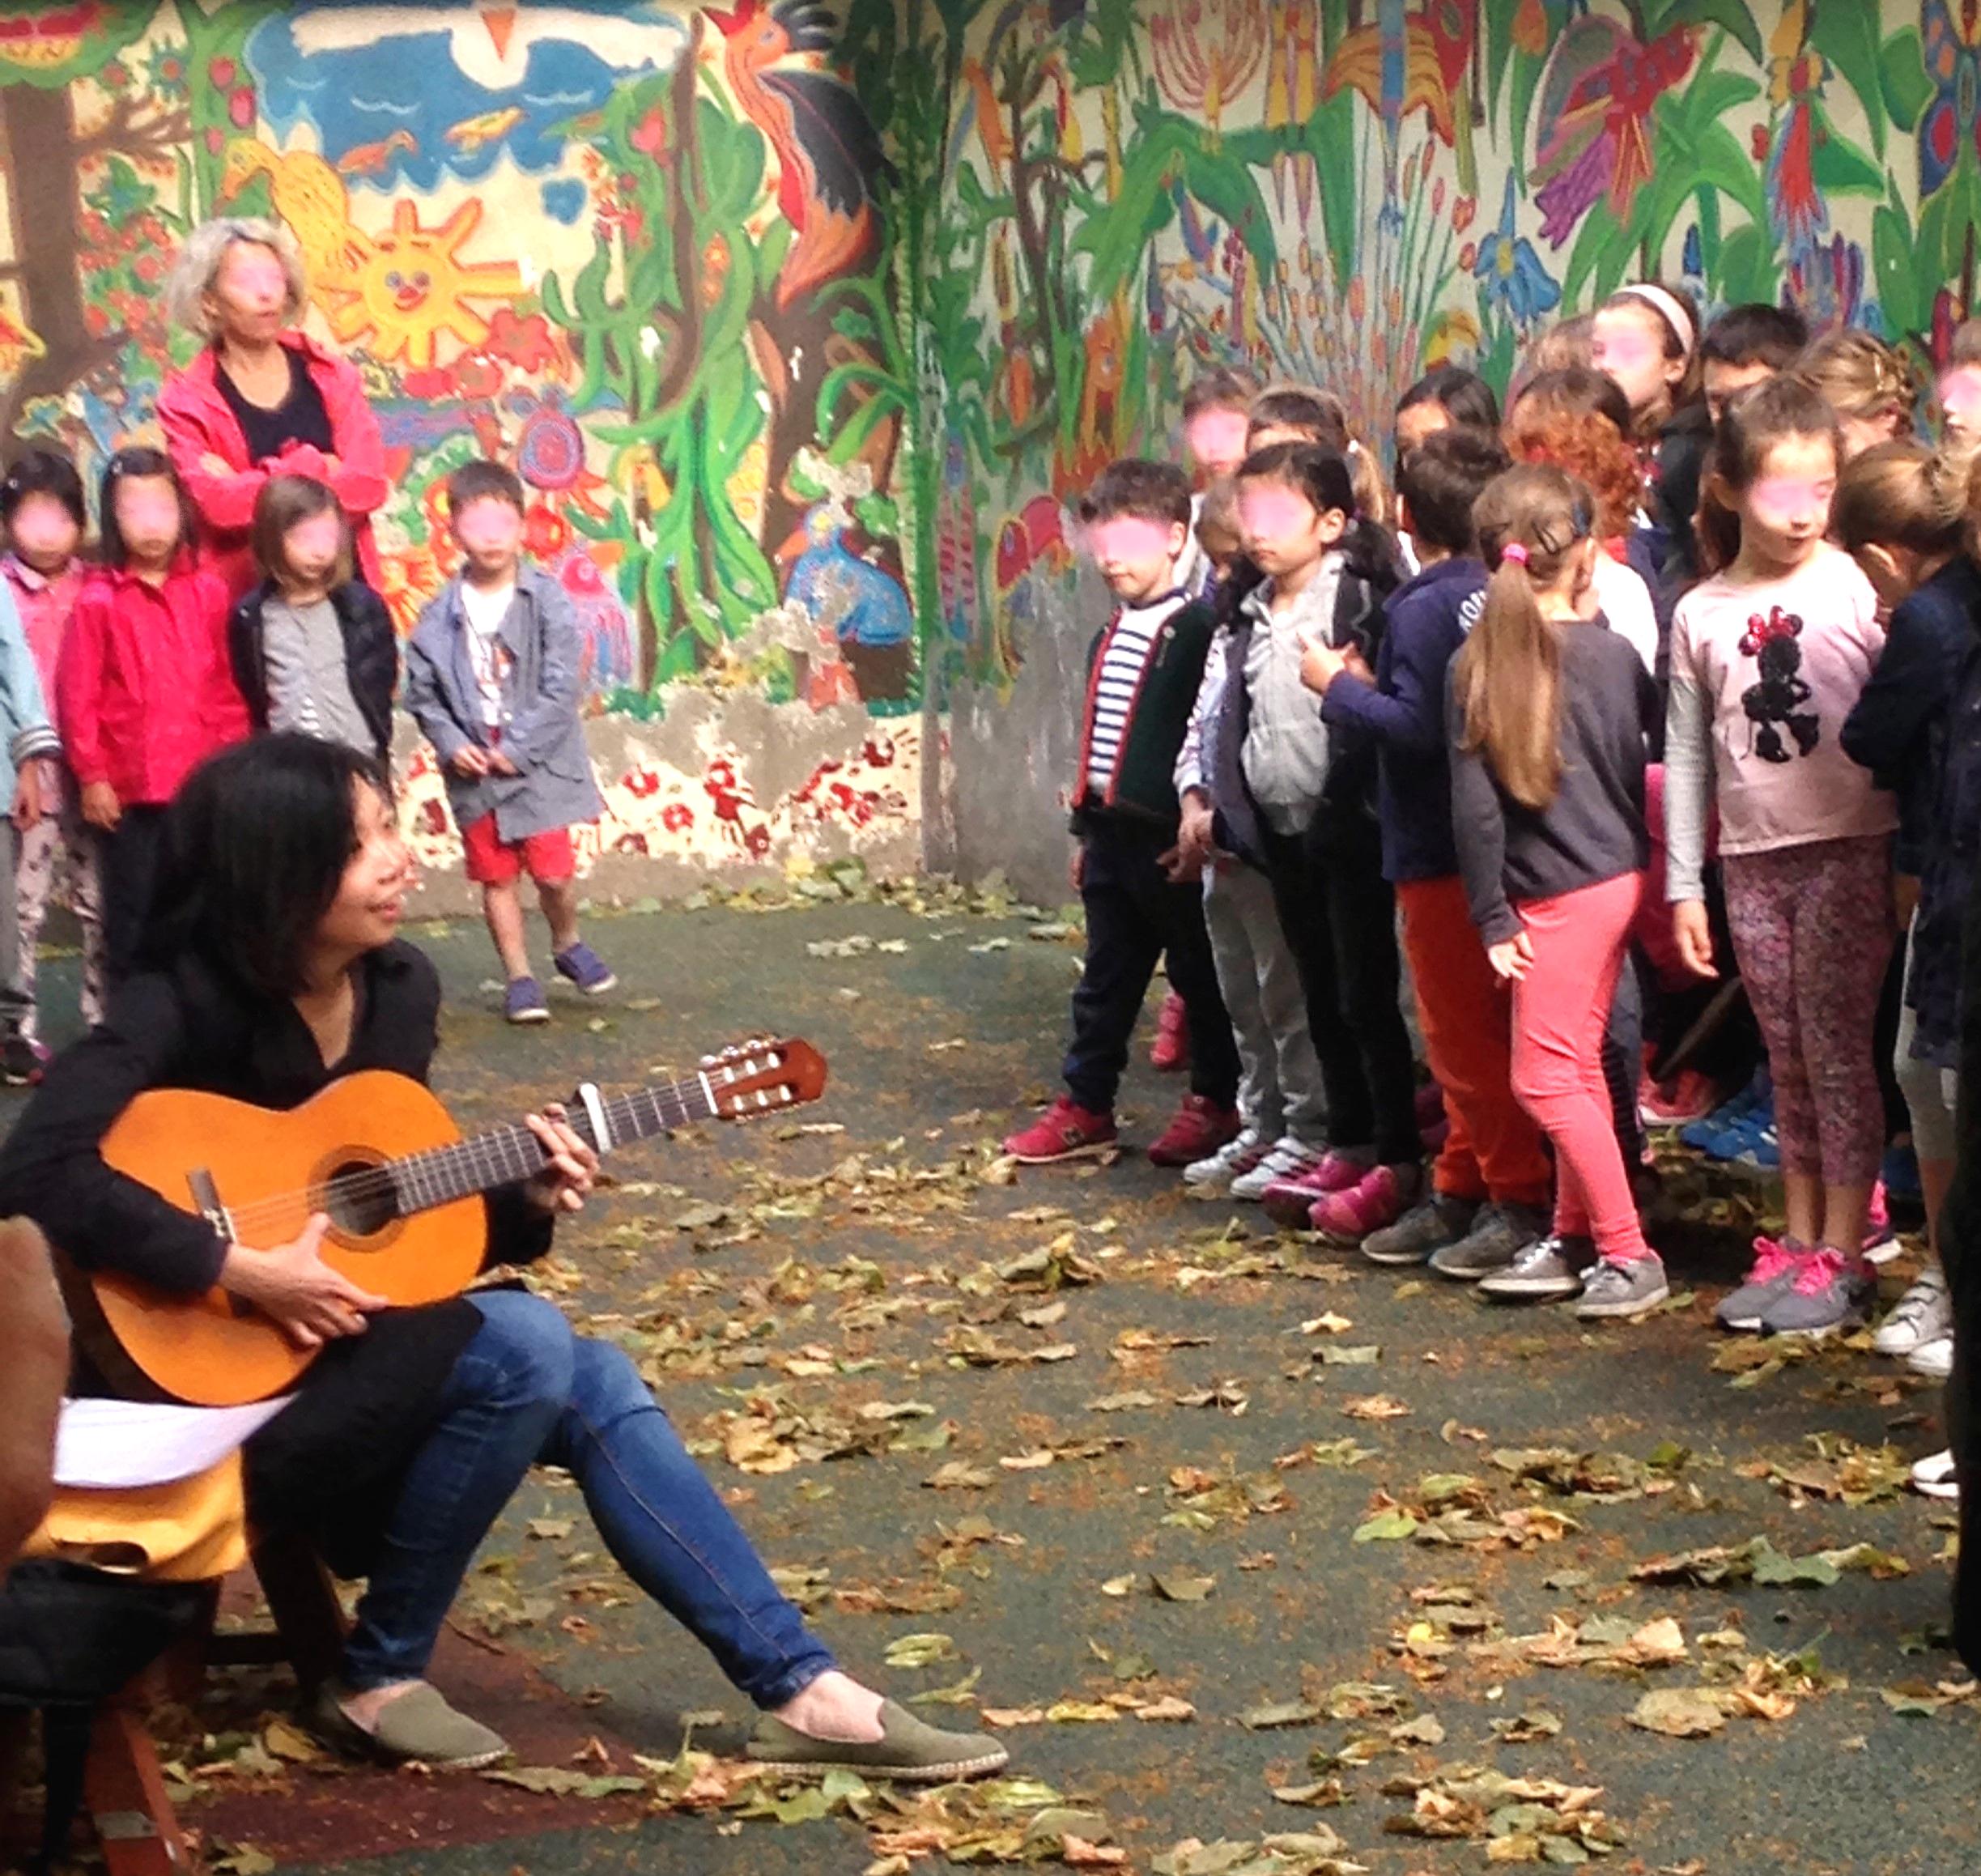 chorale à l'école choisir les chants pour une chorale à l'école chorale d'enfants